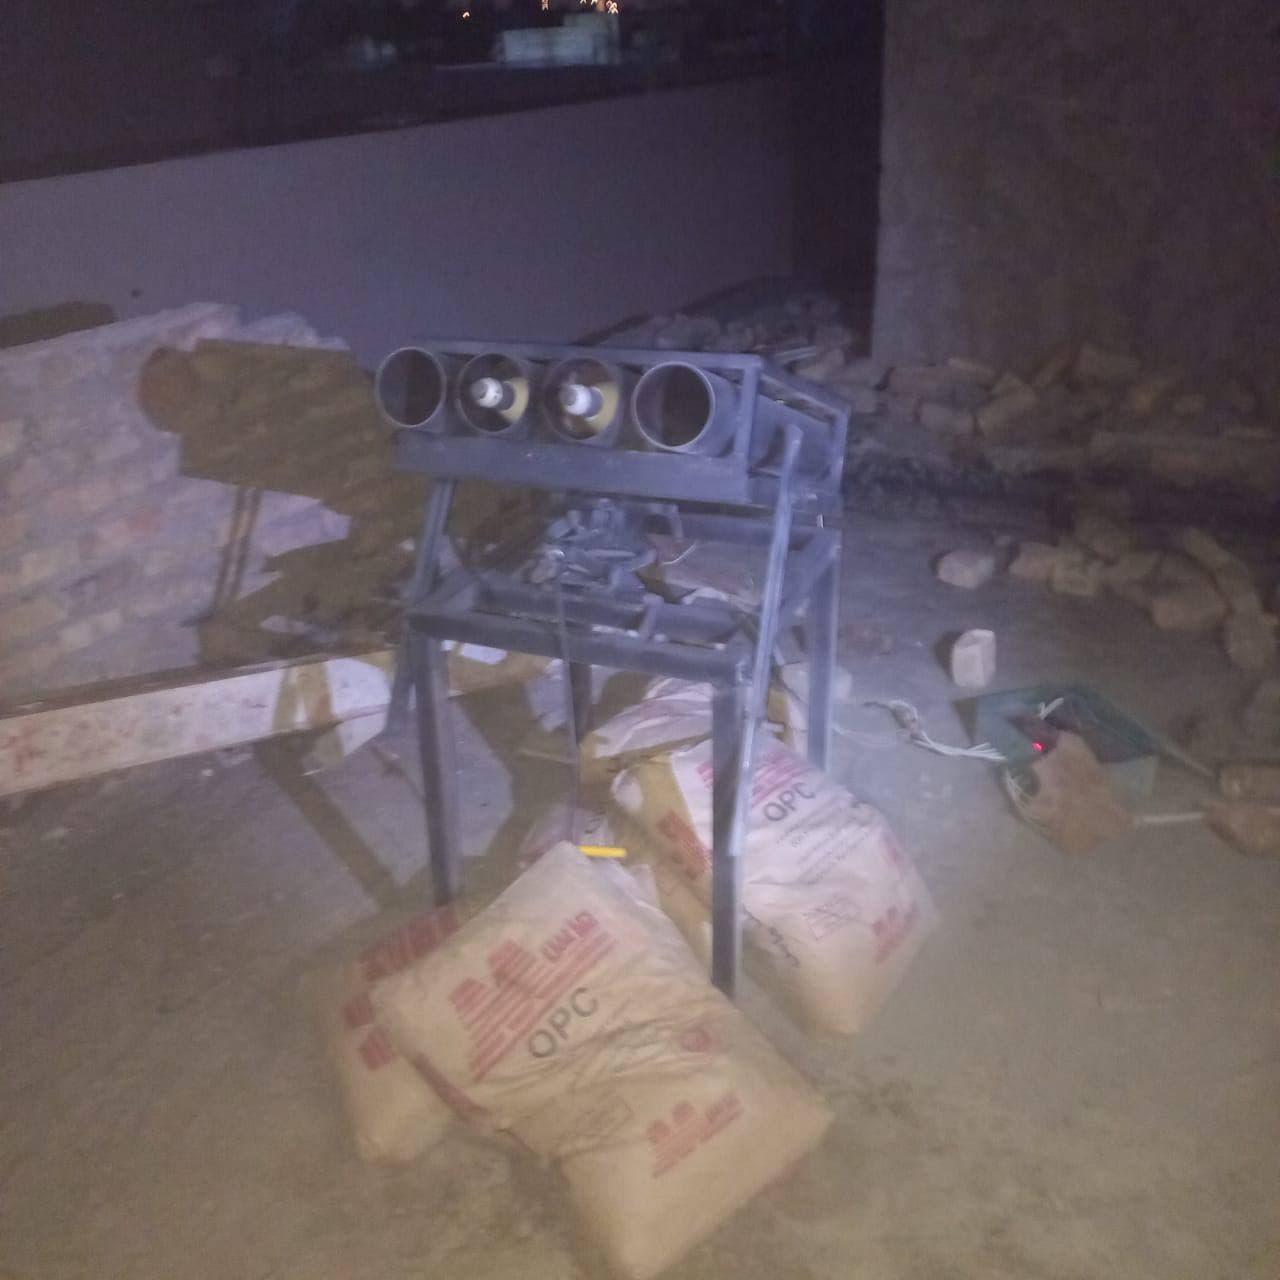 منصة صواريخ اطلقت على موقع اميركي قرب مطار بغداد الدولي ليل الخميس